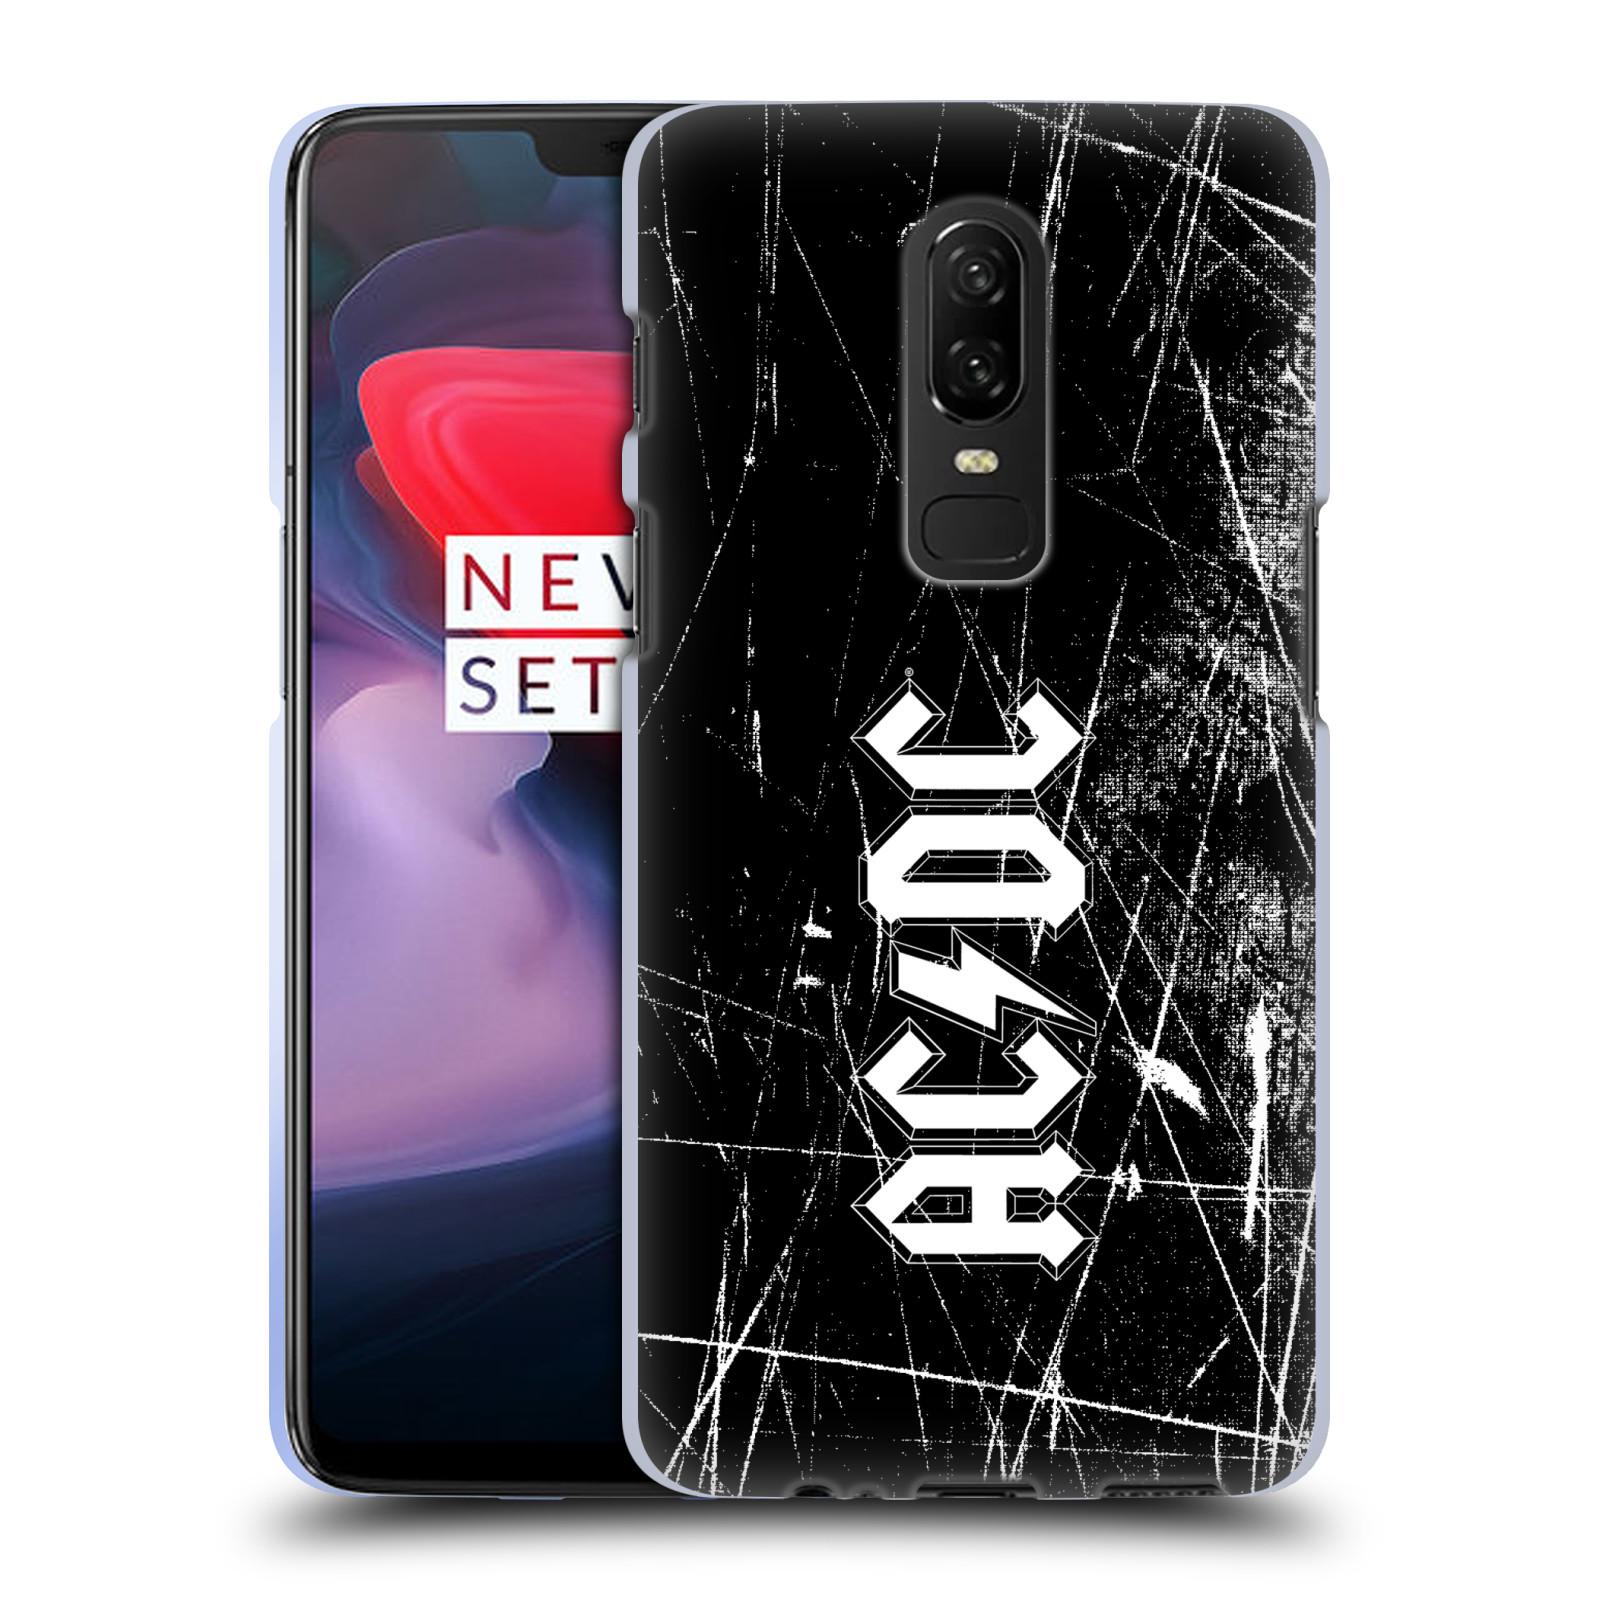 Silikonové pouzdro na mobil OnePlus 6 - Head Case - AC/DC Černobílé logo